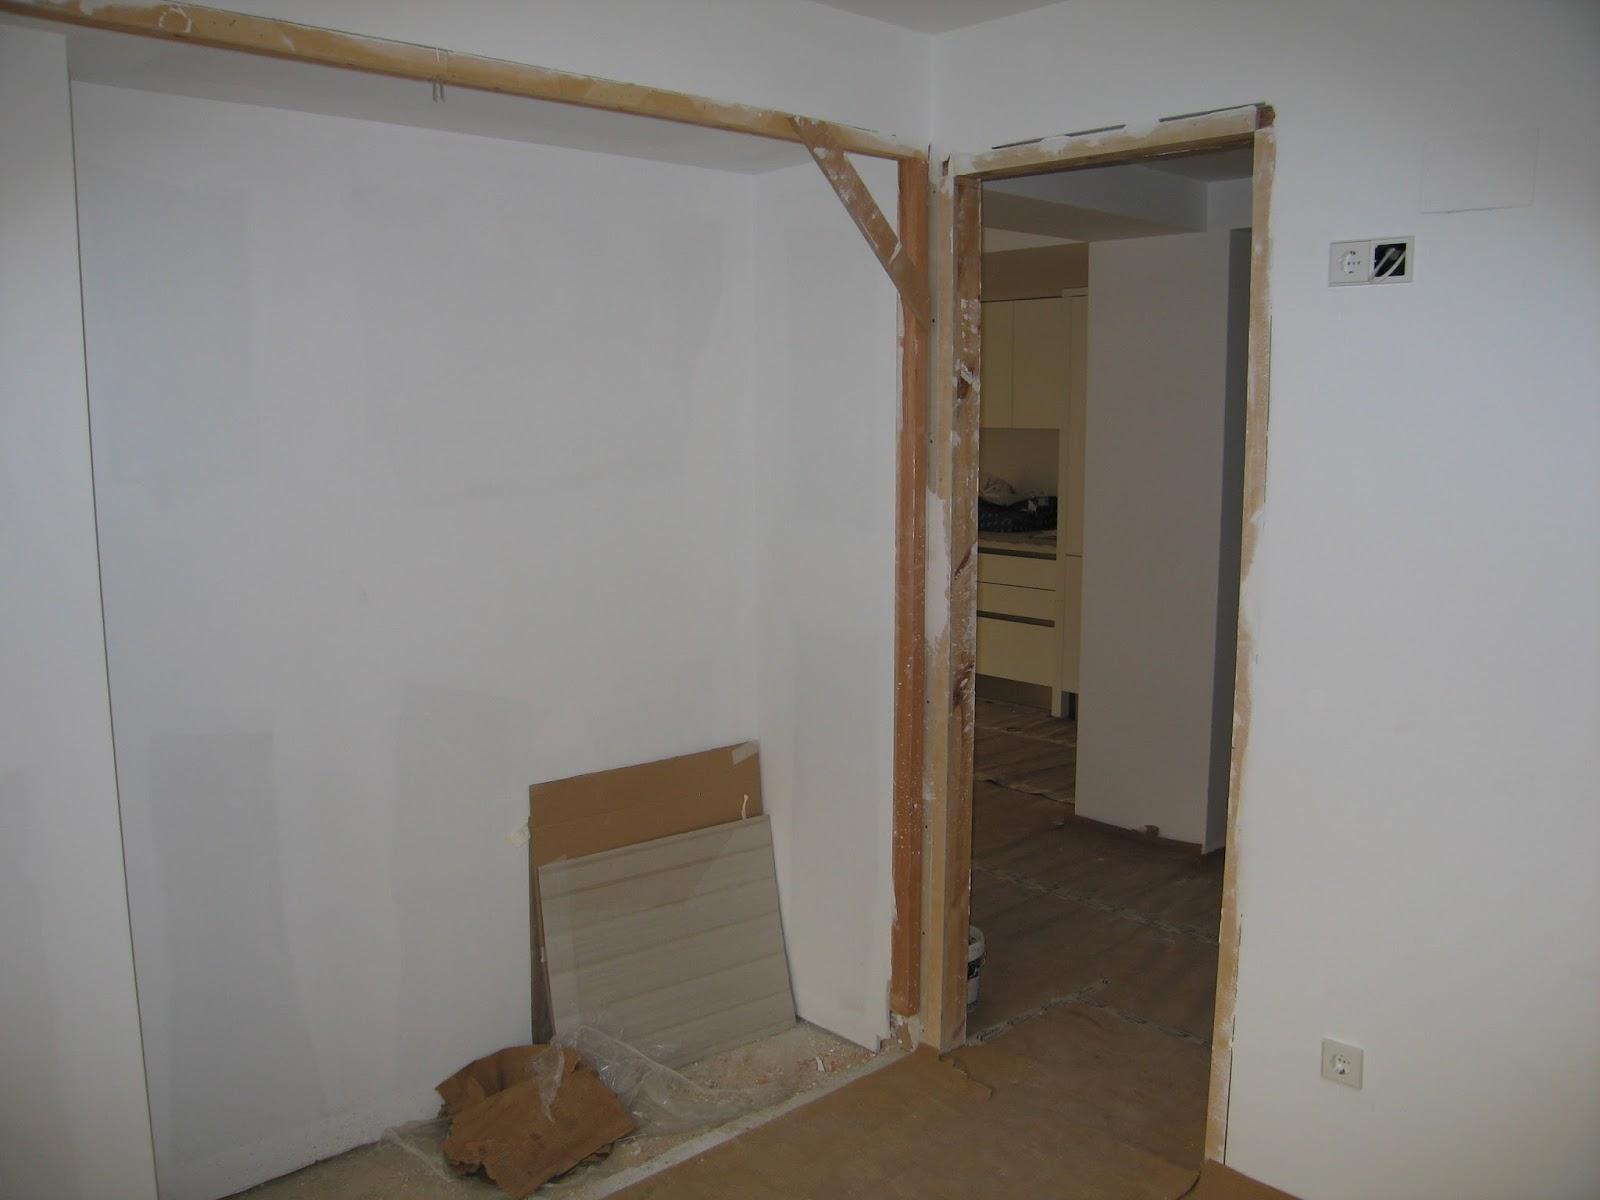 Pepe granell armario empotrado mueble a medida 2008 - Armario de obra ...